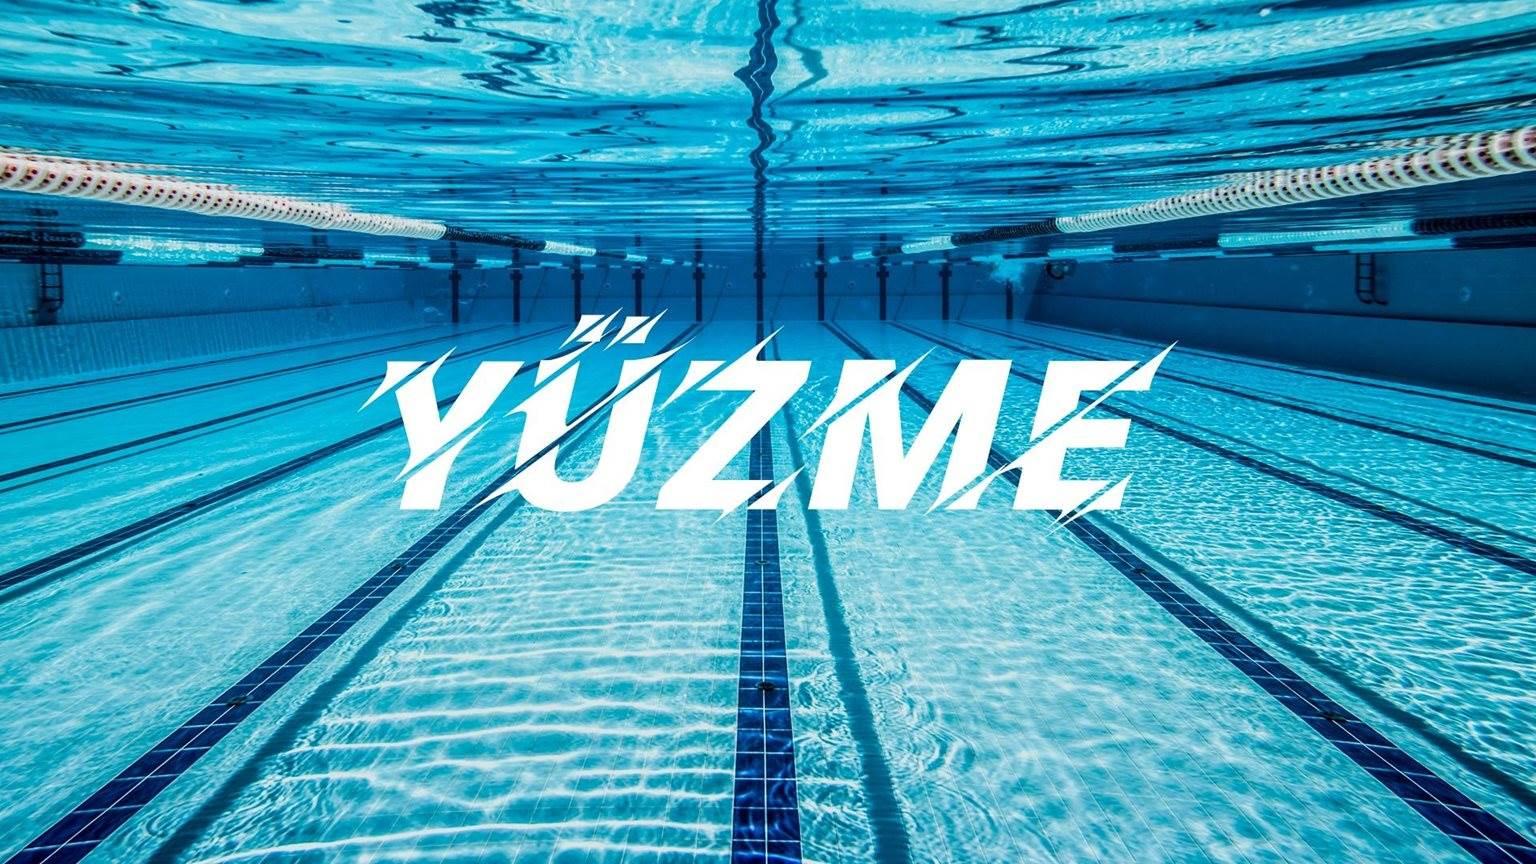 Artistik Yüzme Türkiye Kış Şampiyonası'nda ilk gün geride kaldı